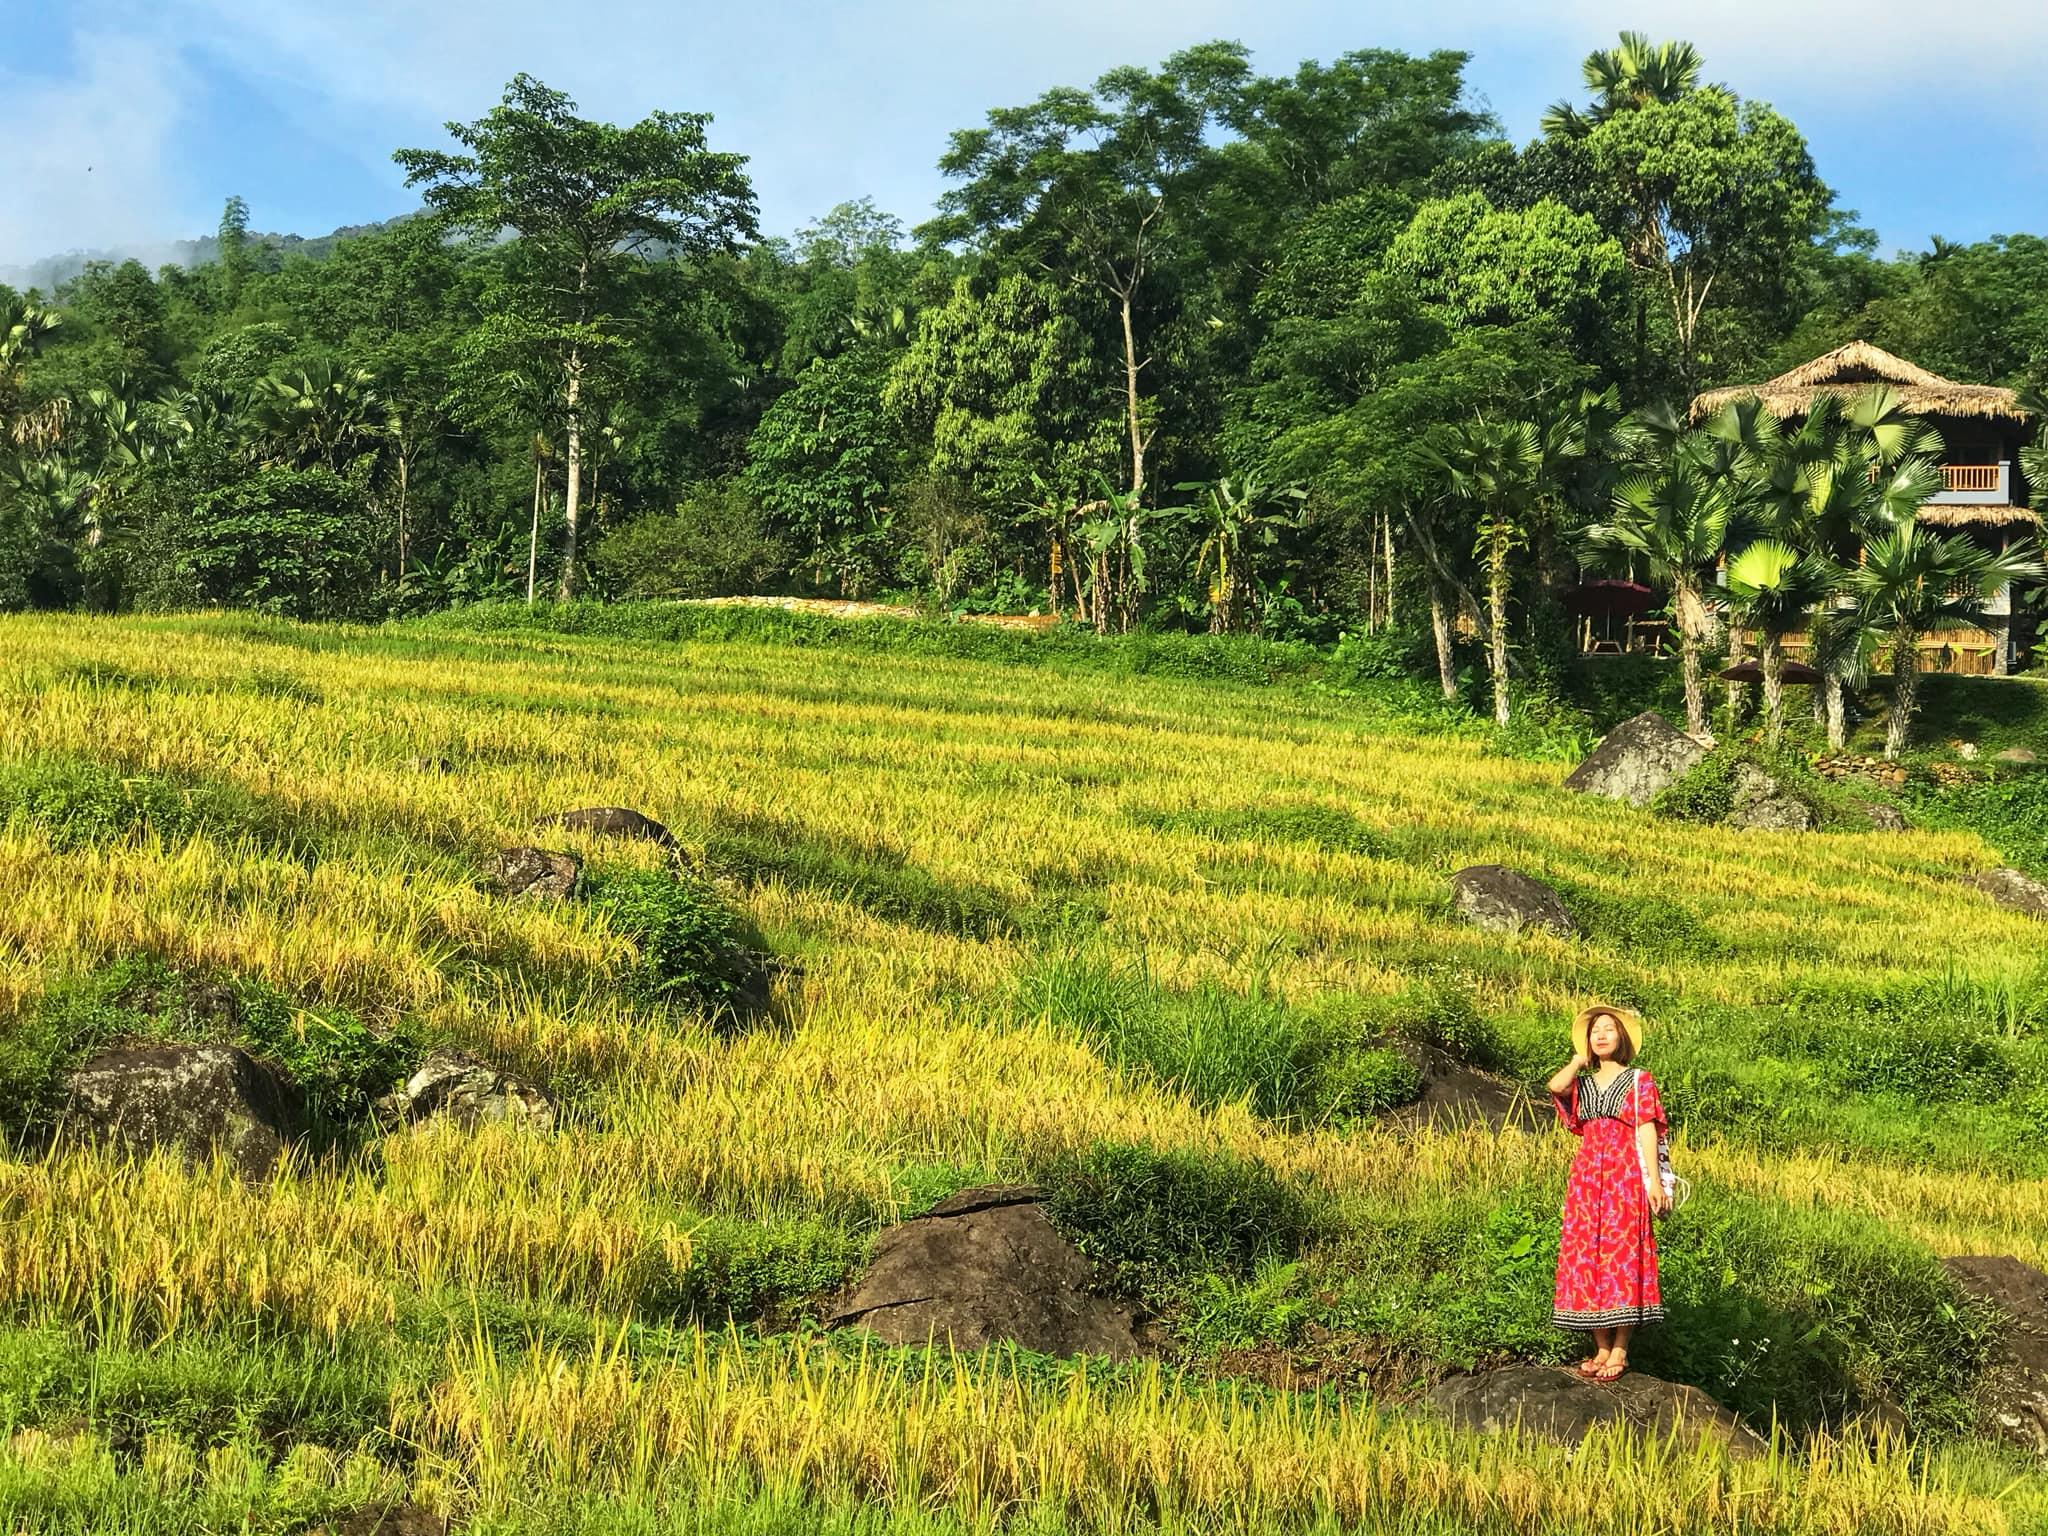 Chiem-nguong-pu-luong-mua-lua-chin-tour-pu-luong-vietmountain-travel3